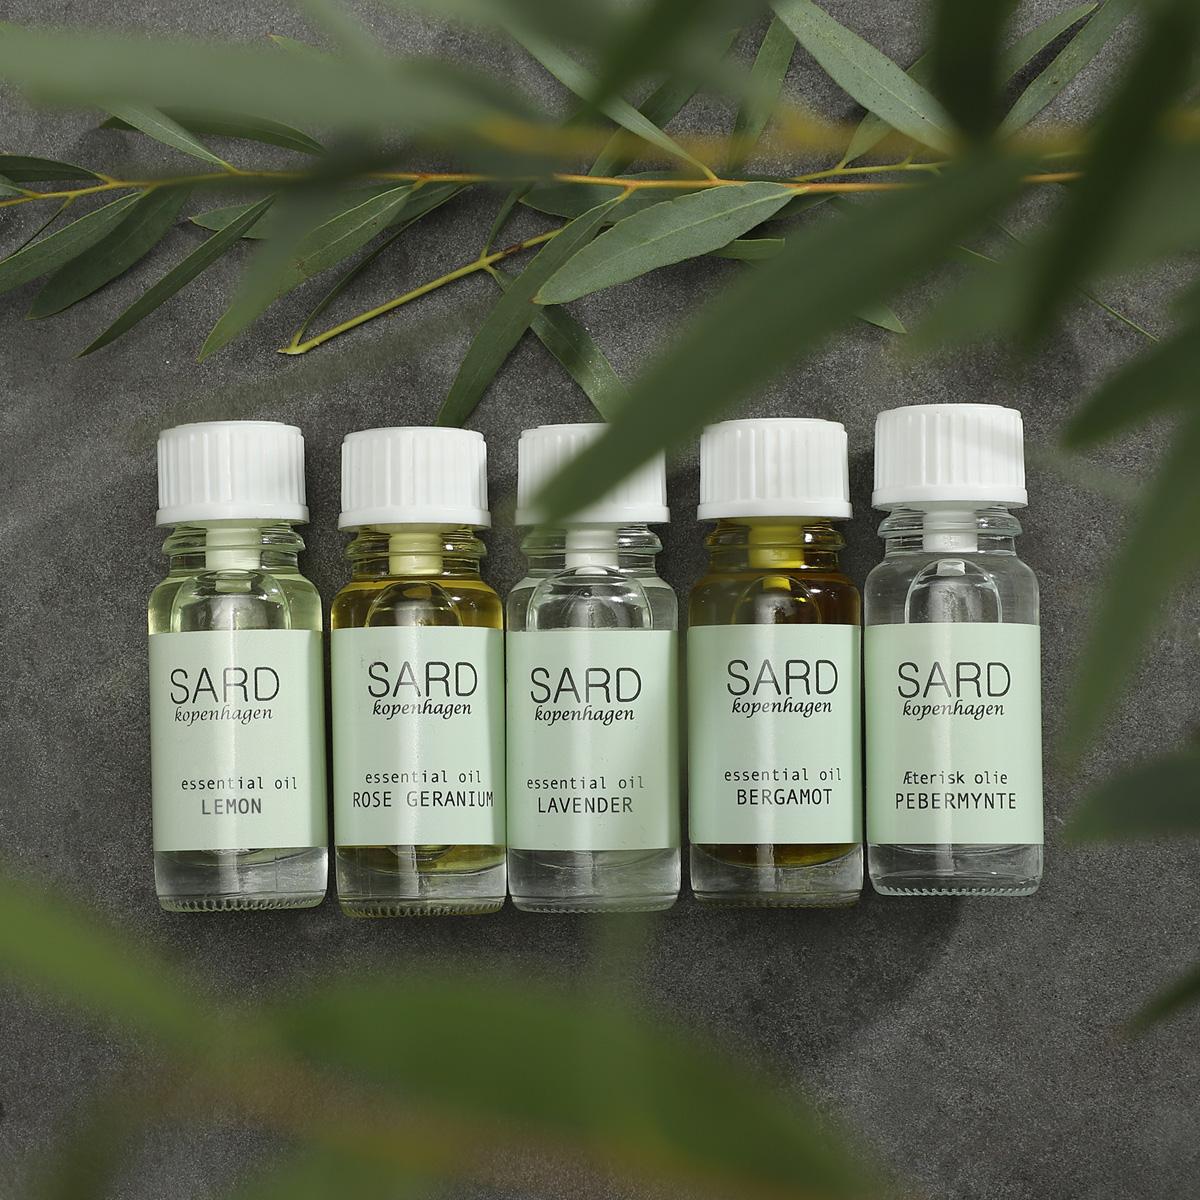 sard kopenhagen oil